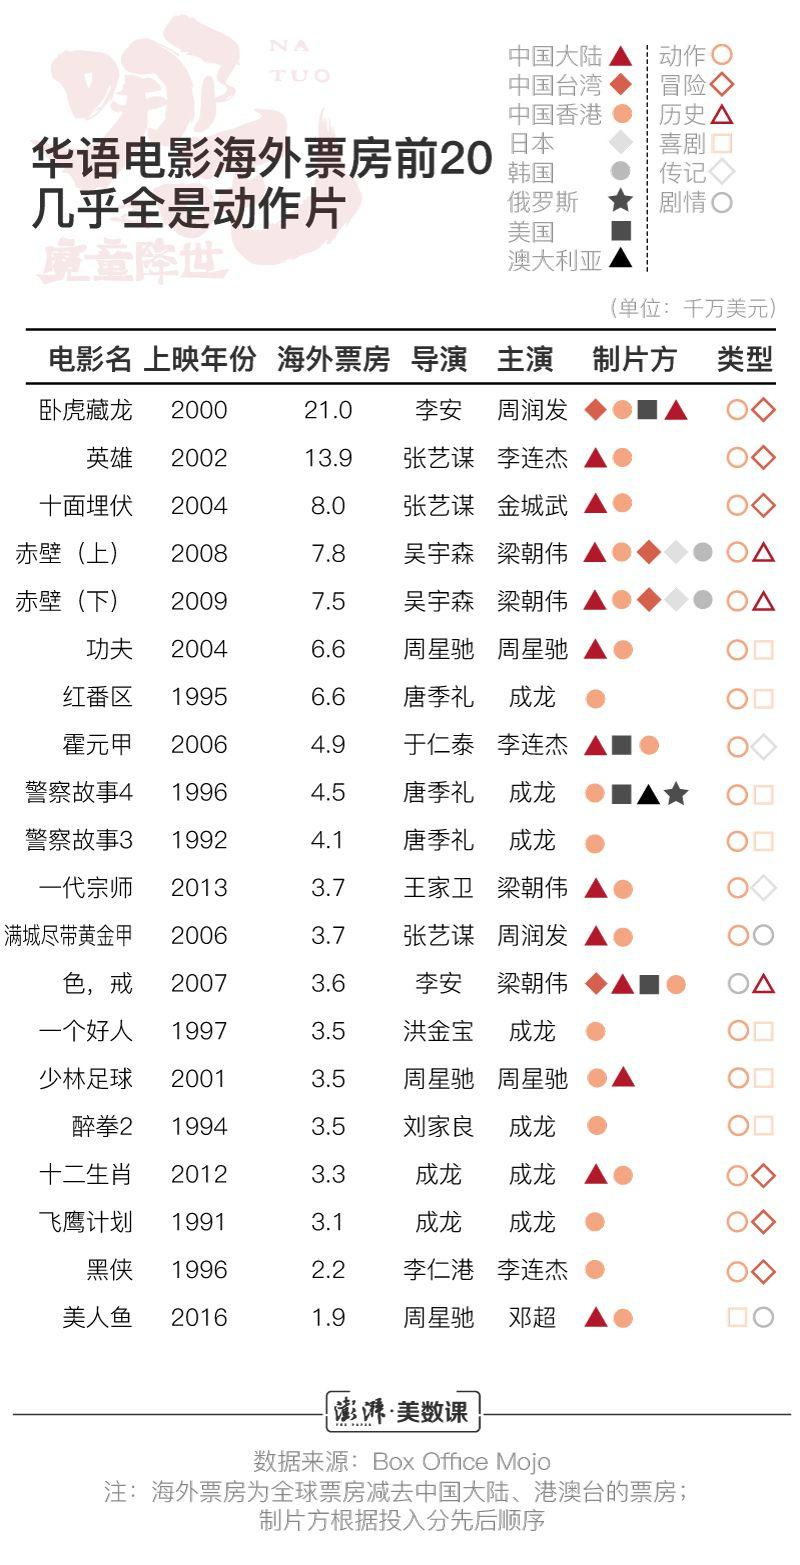 《哪吒》出海 它能让华语电影闯出华人圈吗?